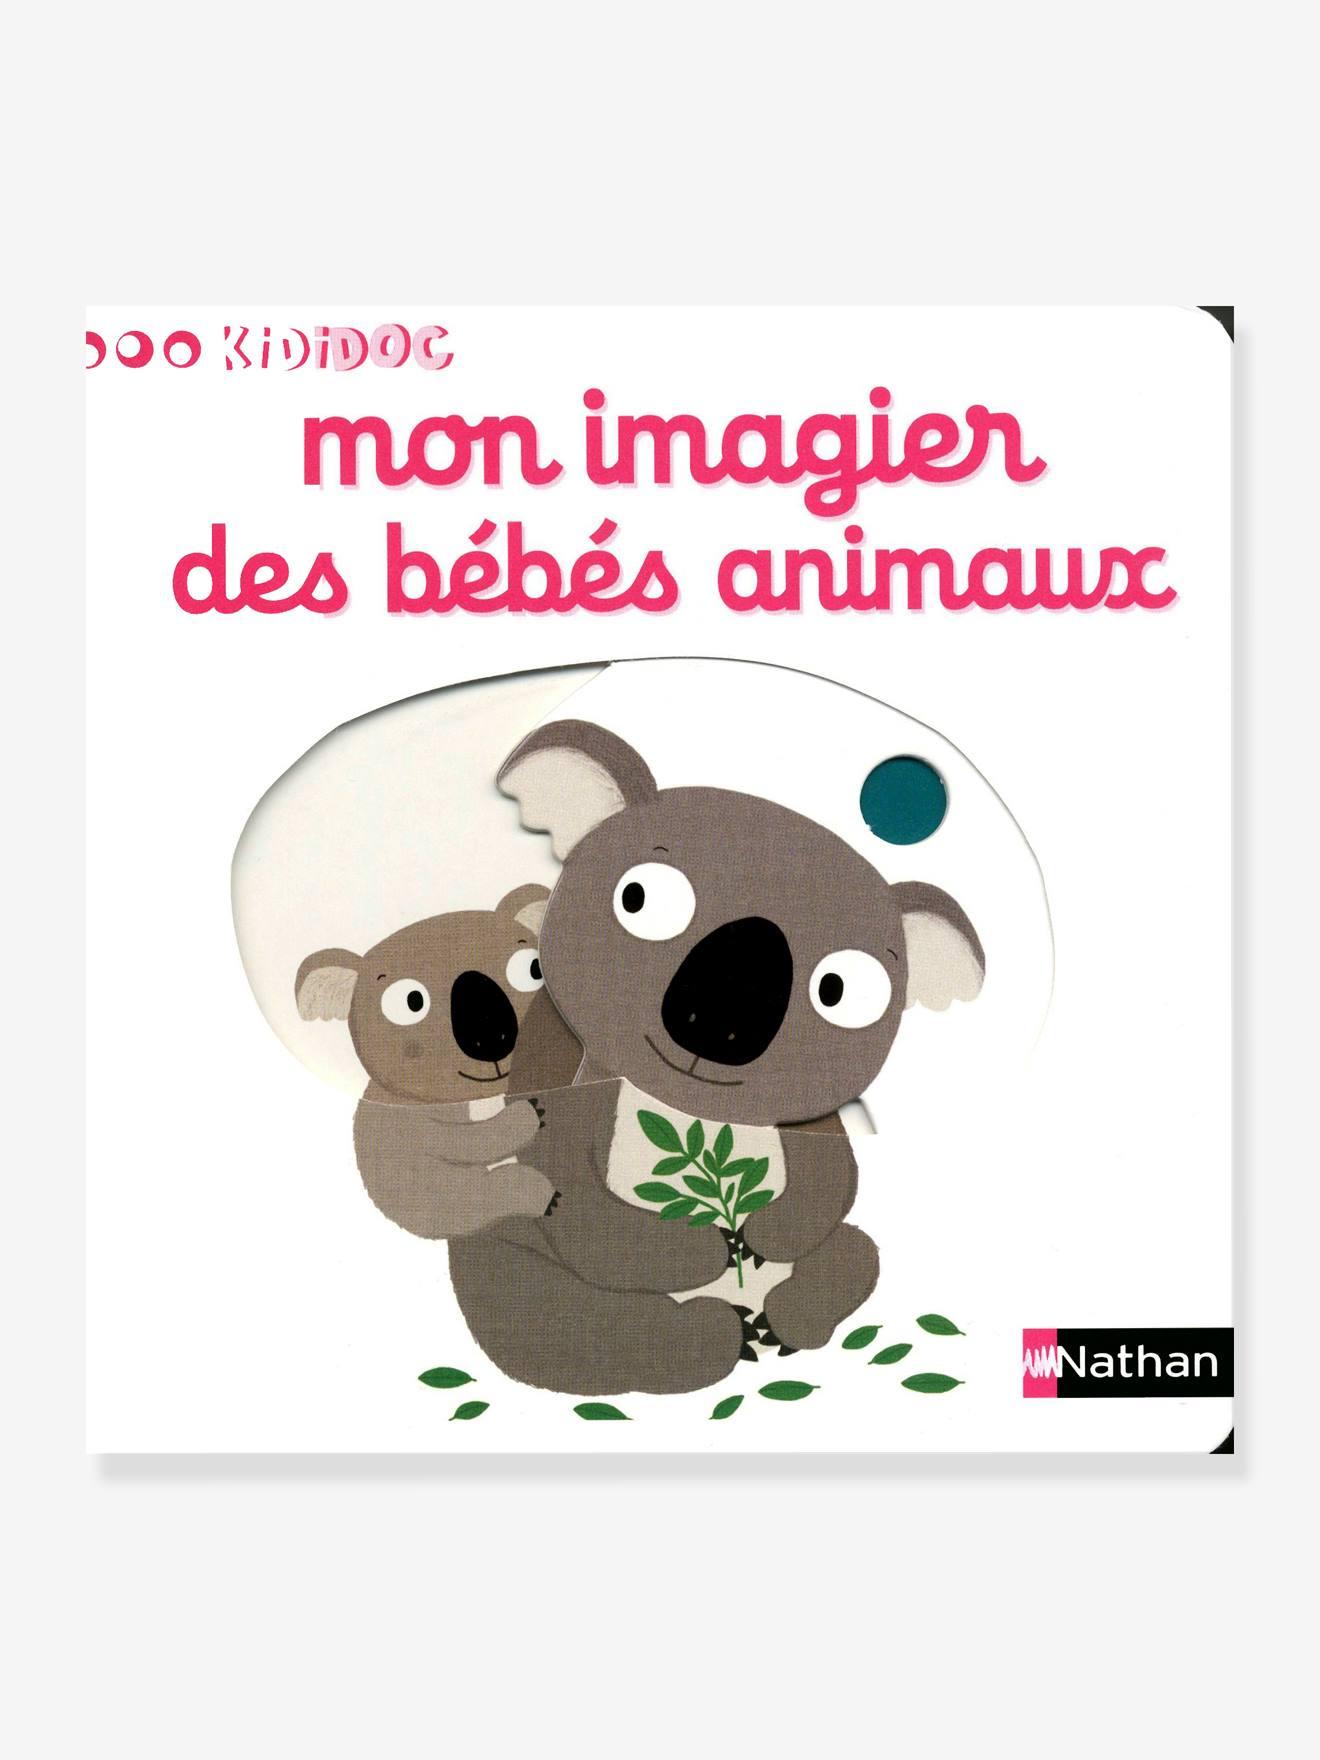 Livre KiDiDOC - Mon imagier des bébés animaux NATHAN